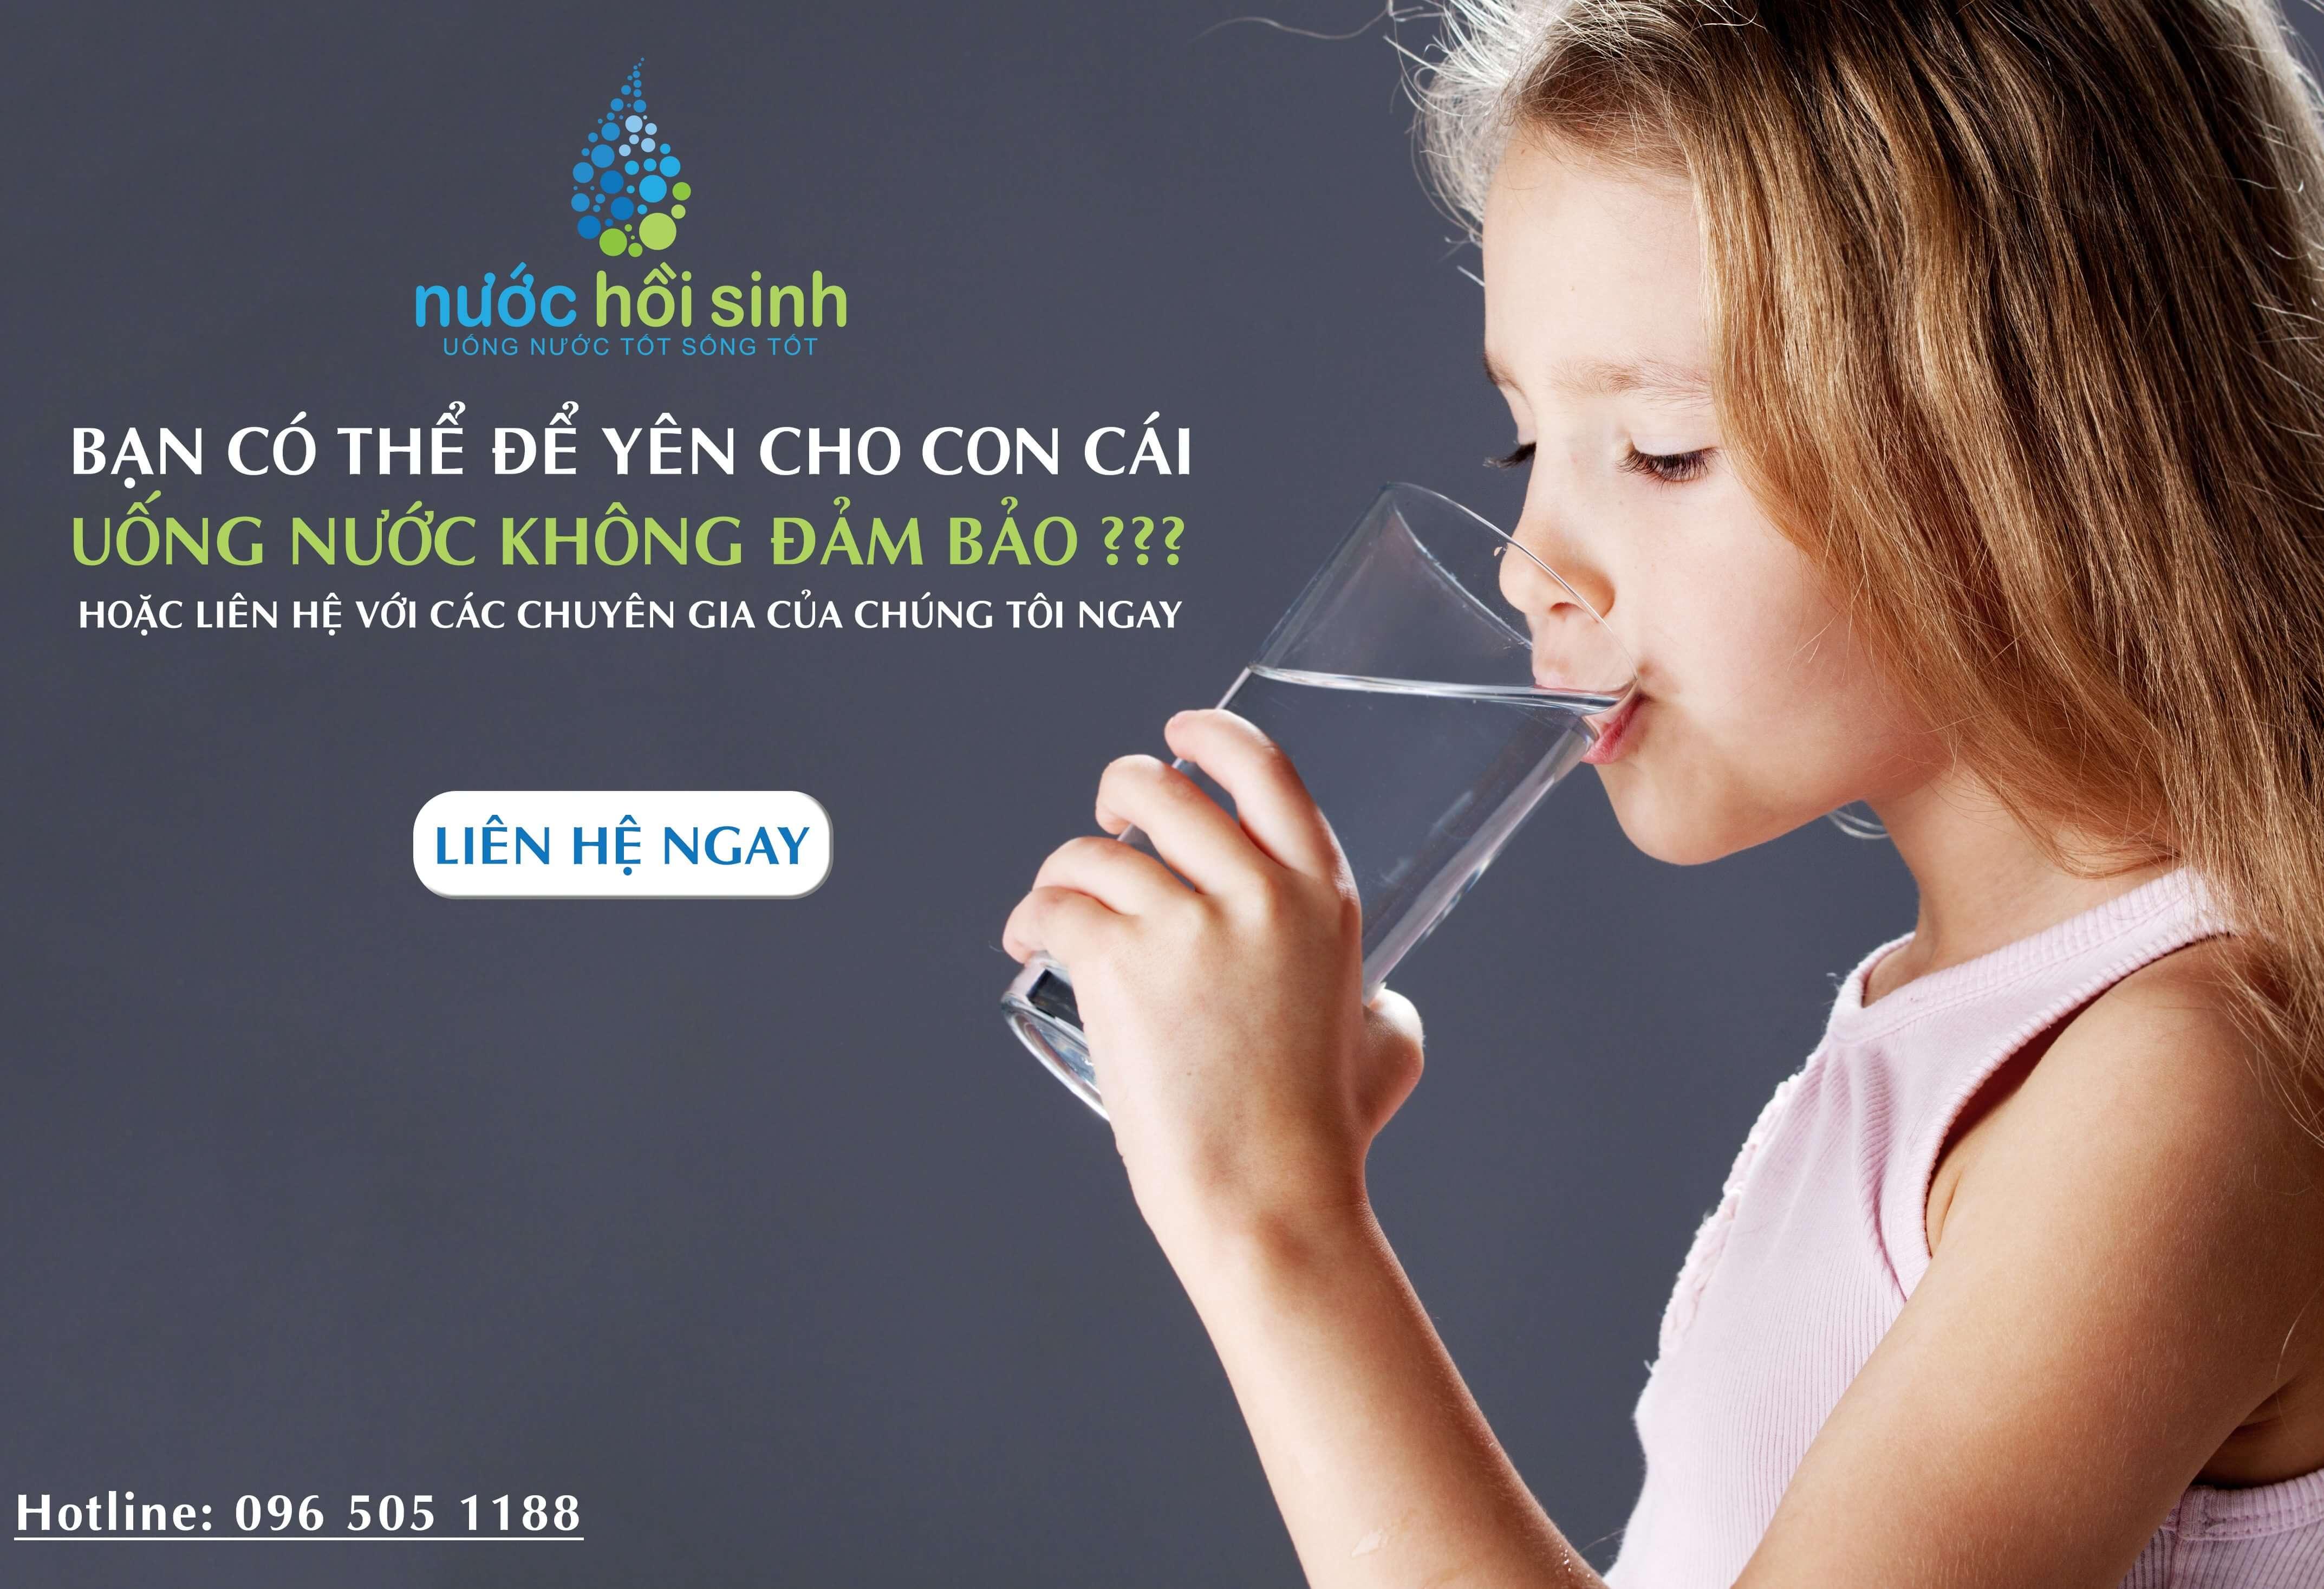 máy lọc nước được ưa chuộng, Review: Địa chỉ bán máy lọc điện giải uy tín chính hãng trên toàn quốc, Nhà phân phối máy lọc nước ion kiềm số 1 Việt Nam | Vitamia